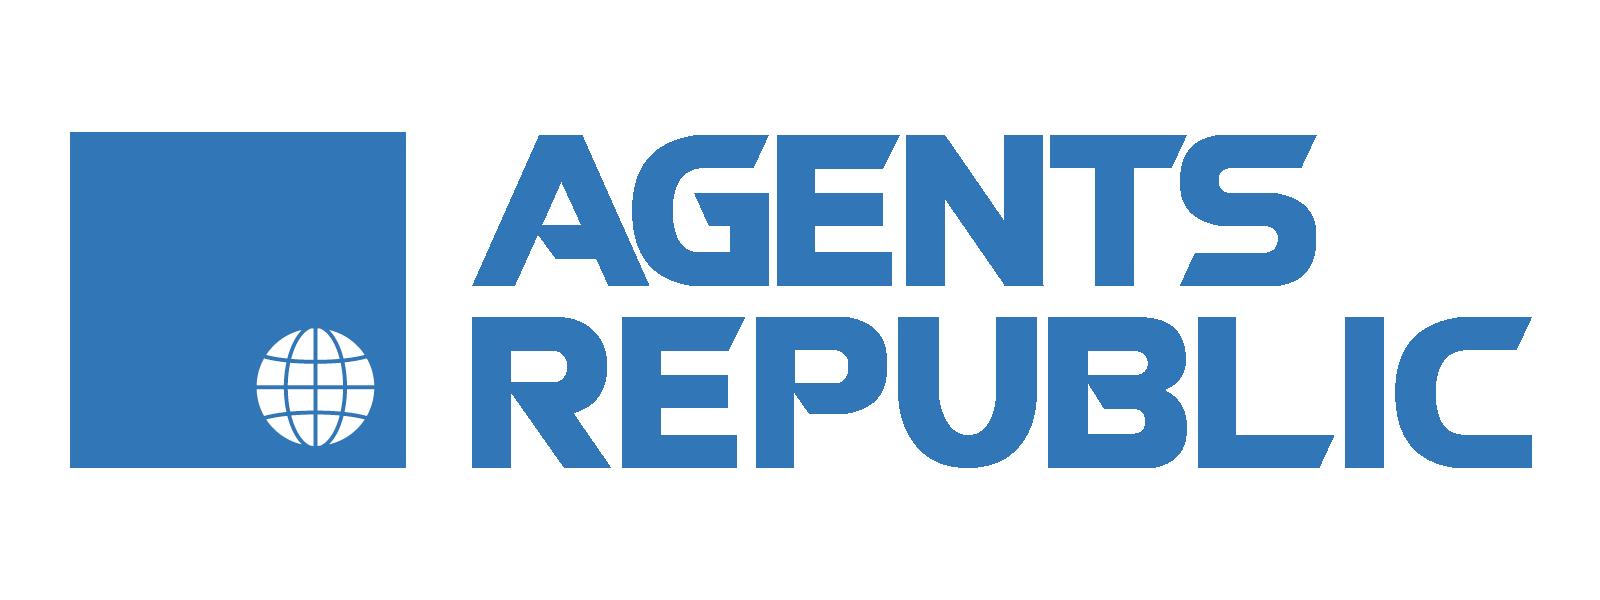 Agents Republic Inc. Logo